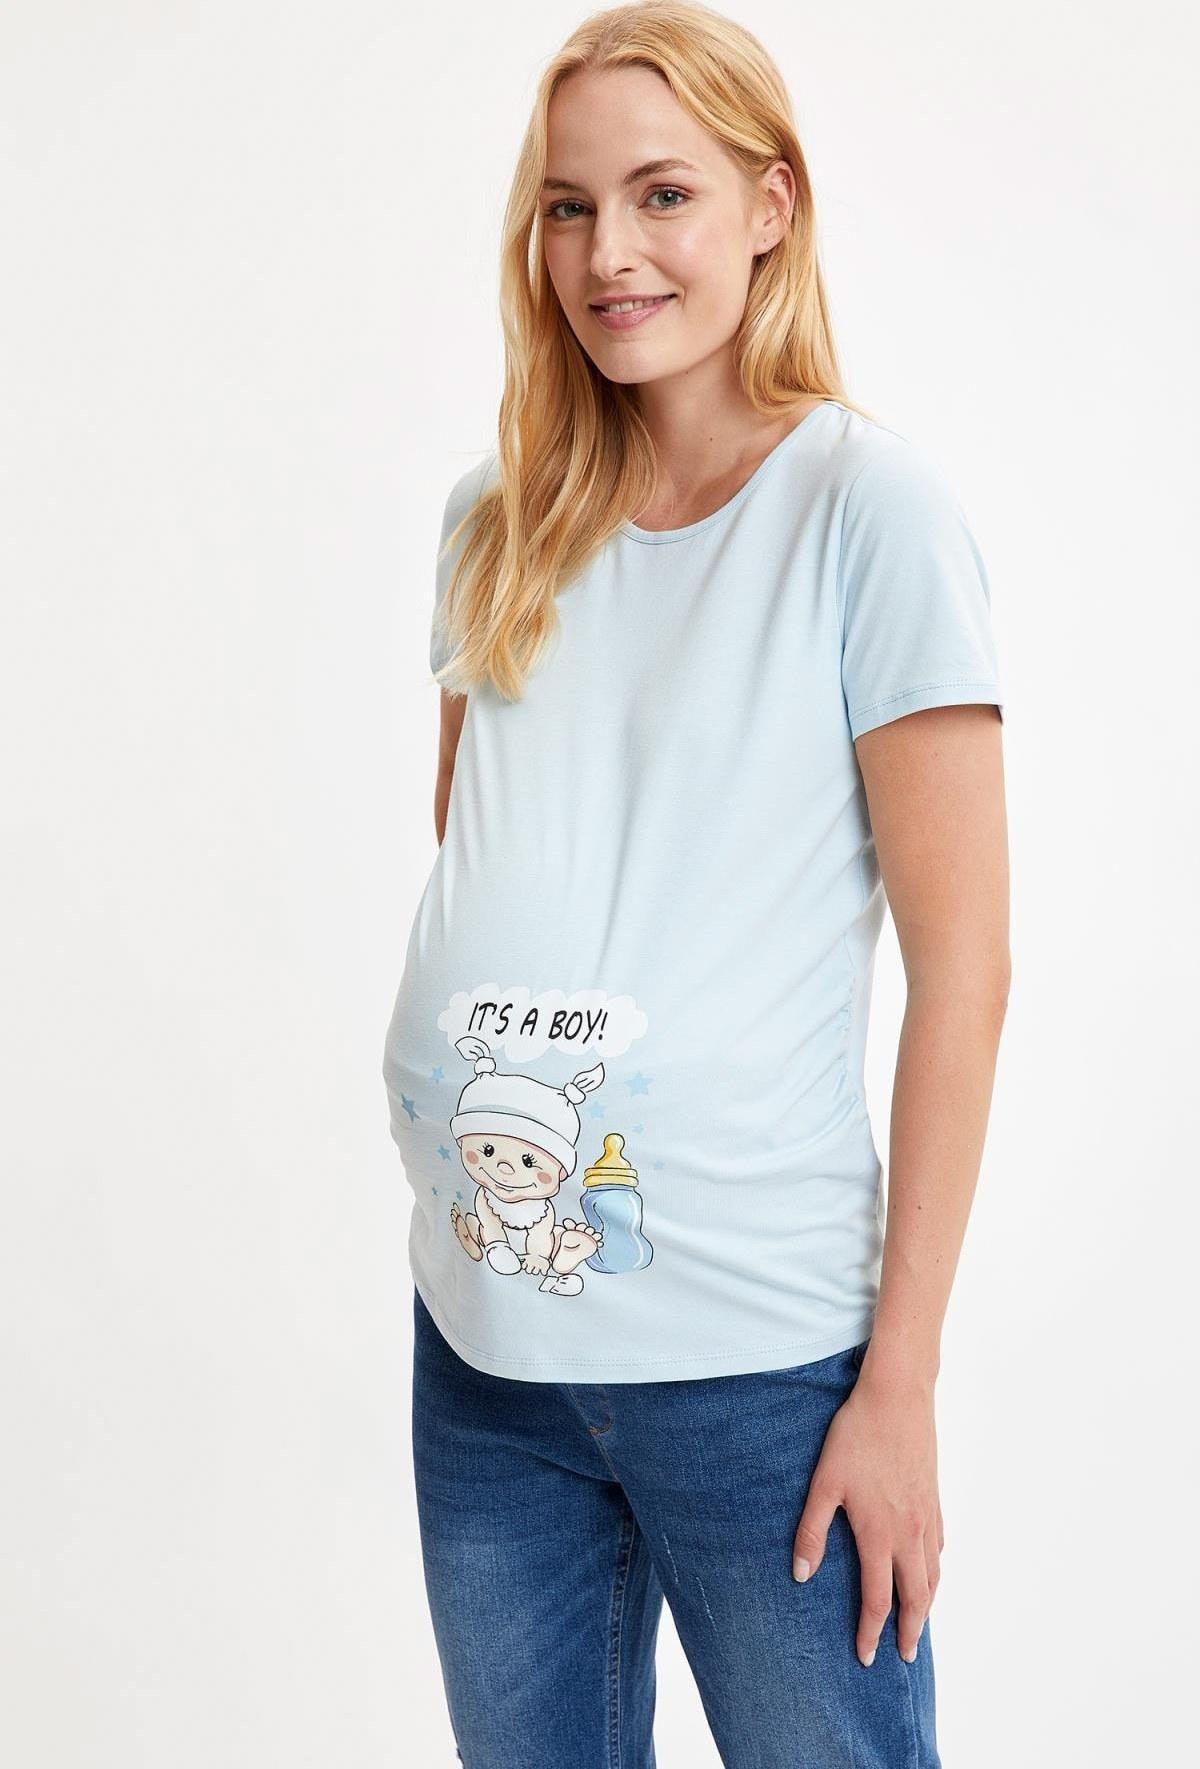 تصویر لباس بالاتنه حاملگی چاپ زنانه آستین کوتاه طرحدار آبی چیندار برند Defacto کد 1617025966